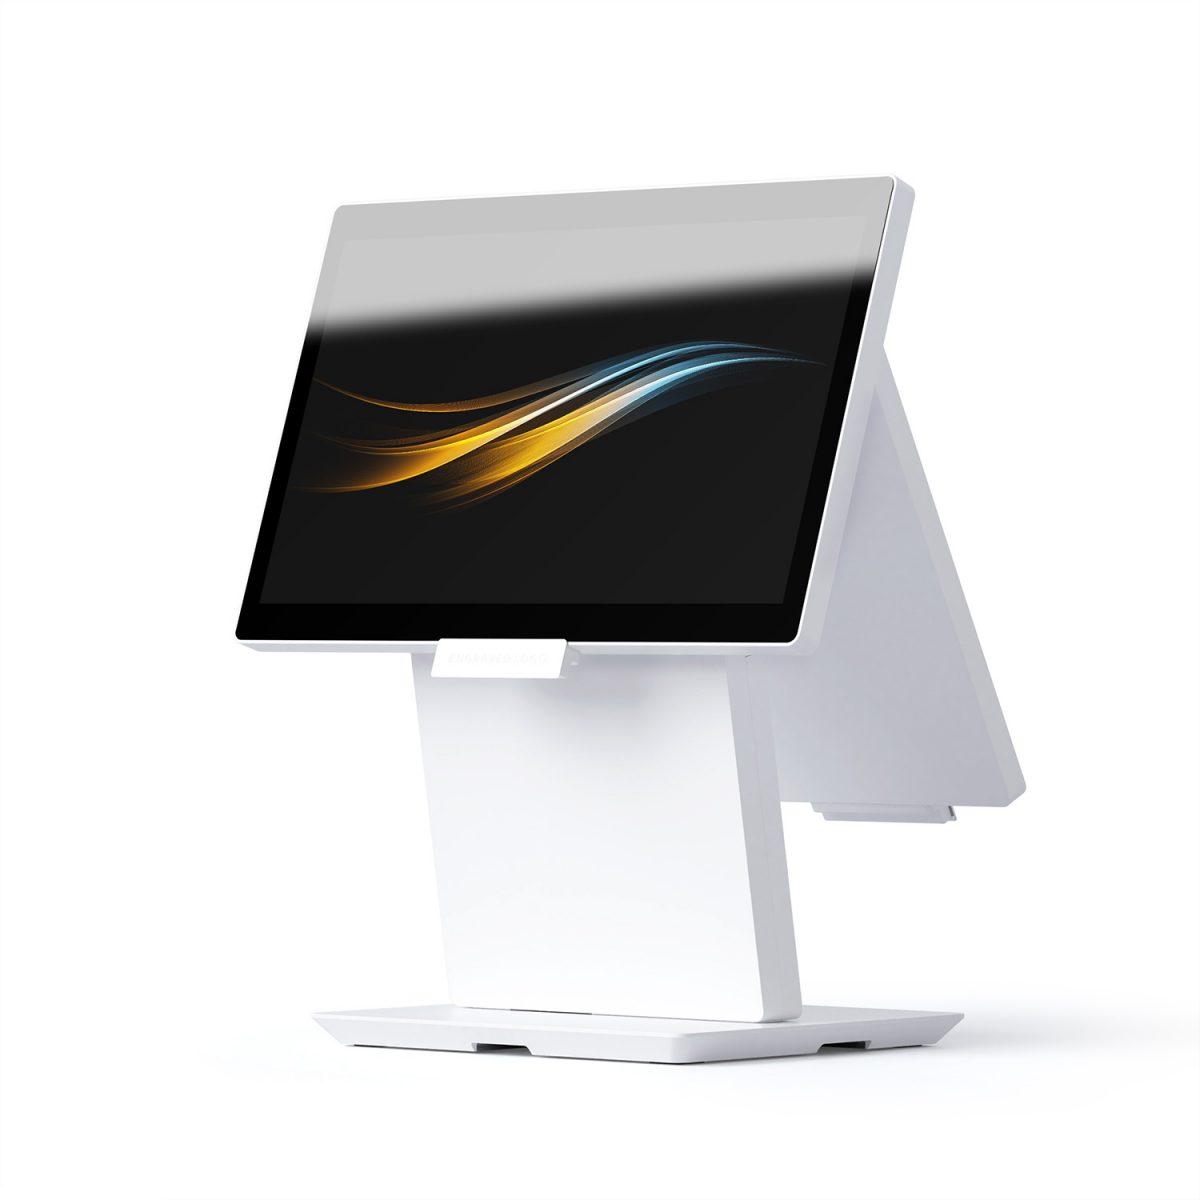 POS computer creative design